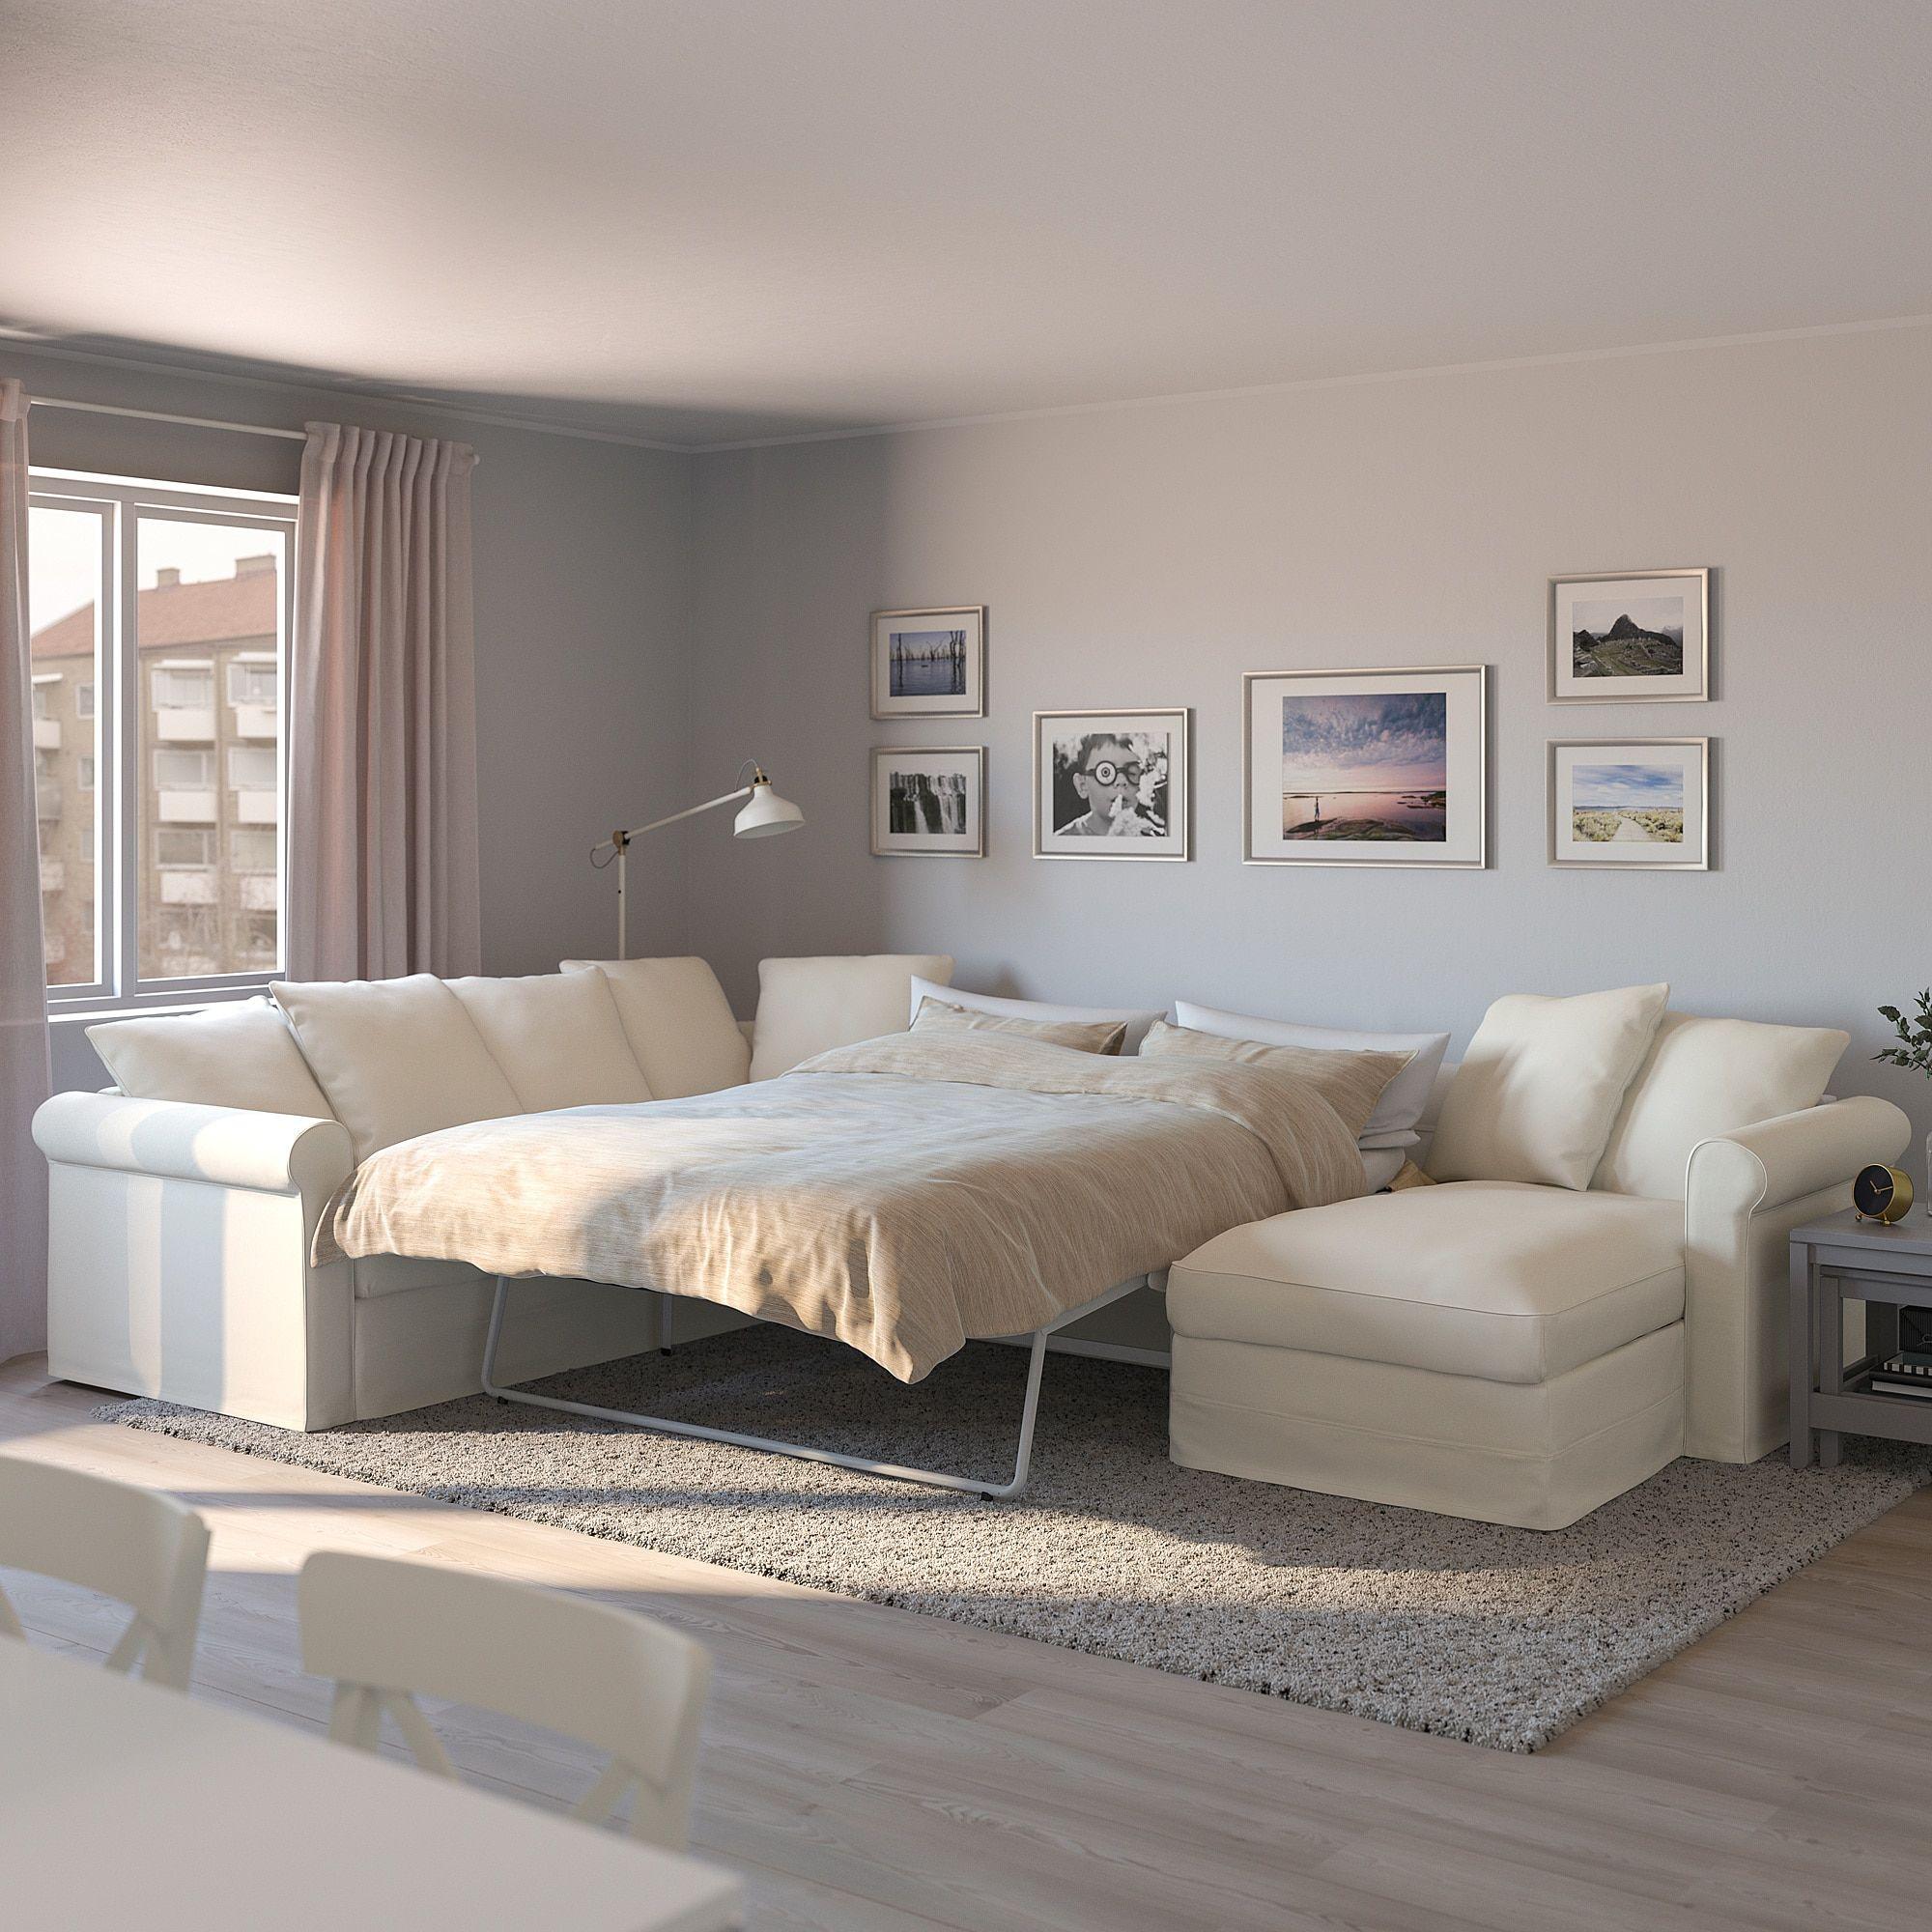 Us Furniture And Home Furnishings Sleeper Sofa Sofa Back